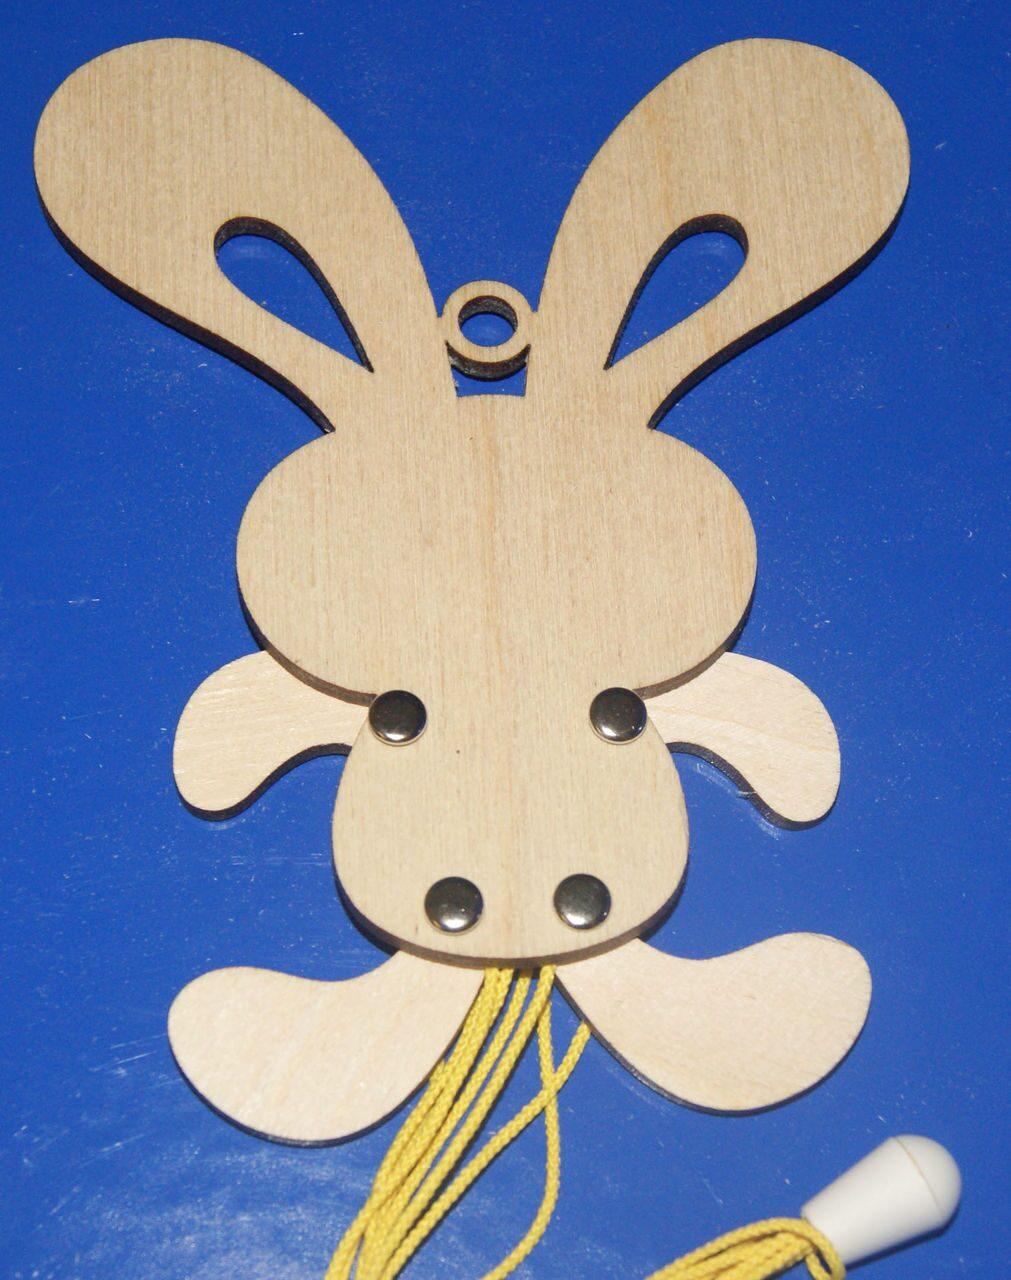 Игрушки забавы из бумаги для дошкольников своими руками